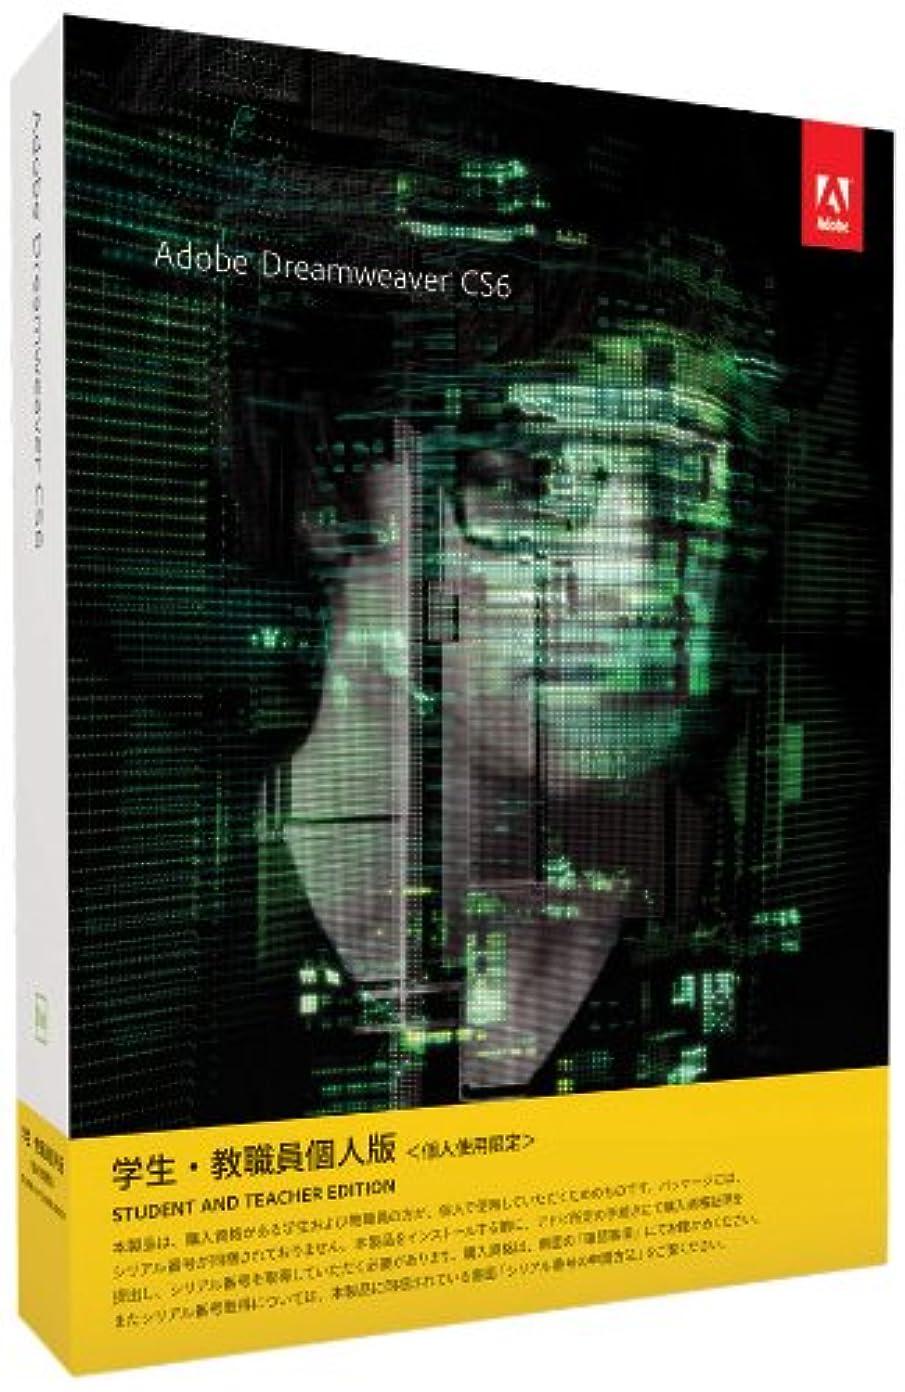 横に再編成する上に学生?教職員個人版 Adobe Dreamweaver CS6 Macintosh版 (要シリアル番号申請)